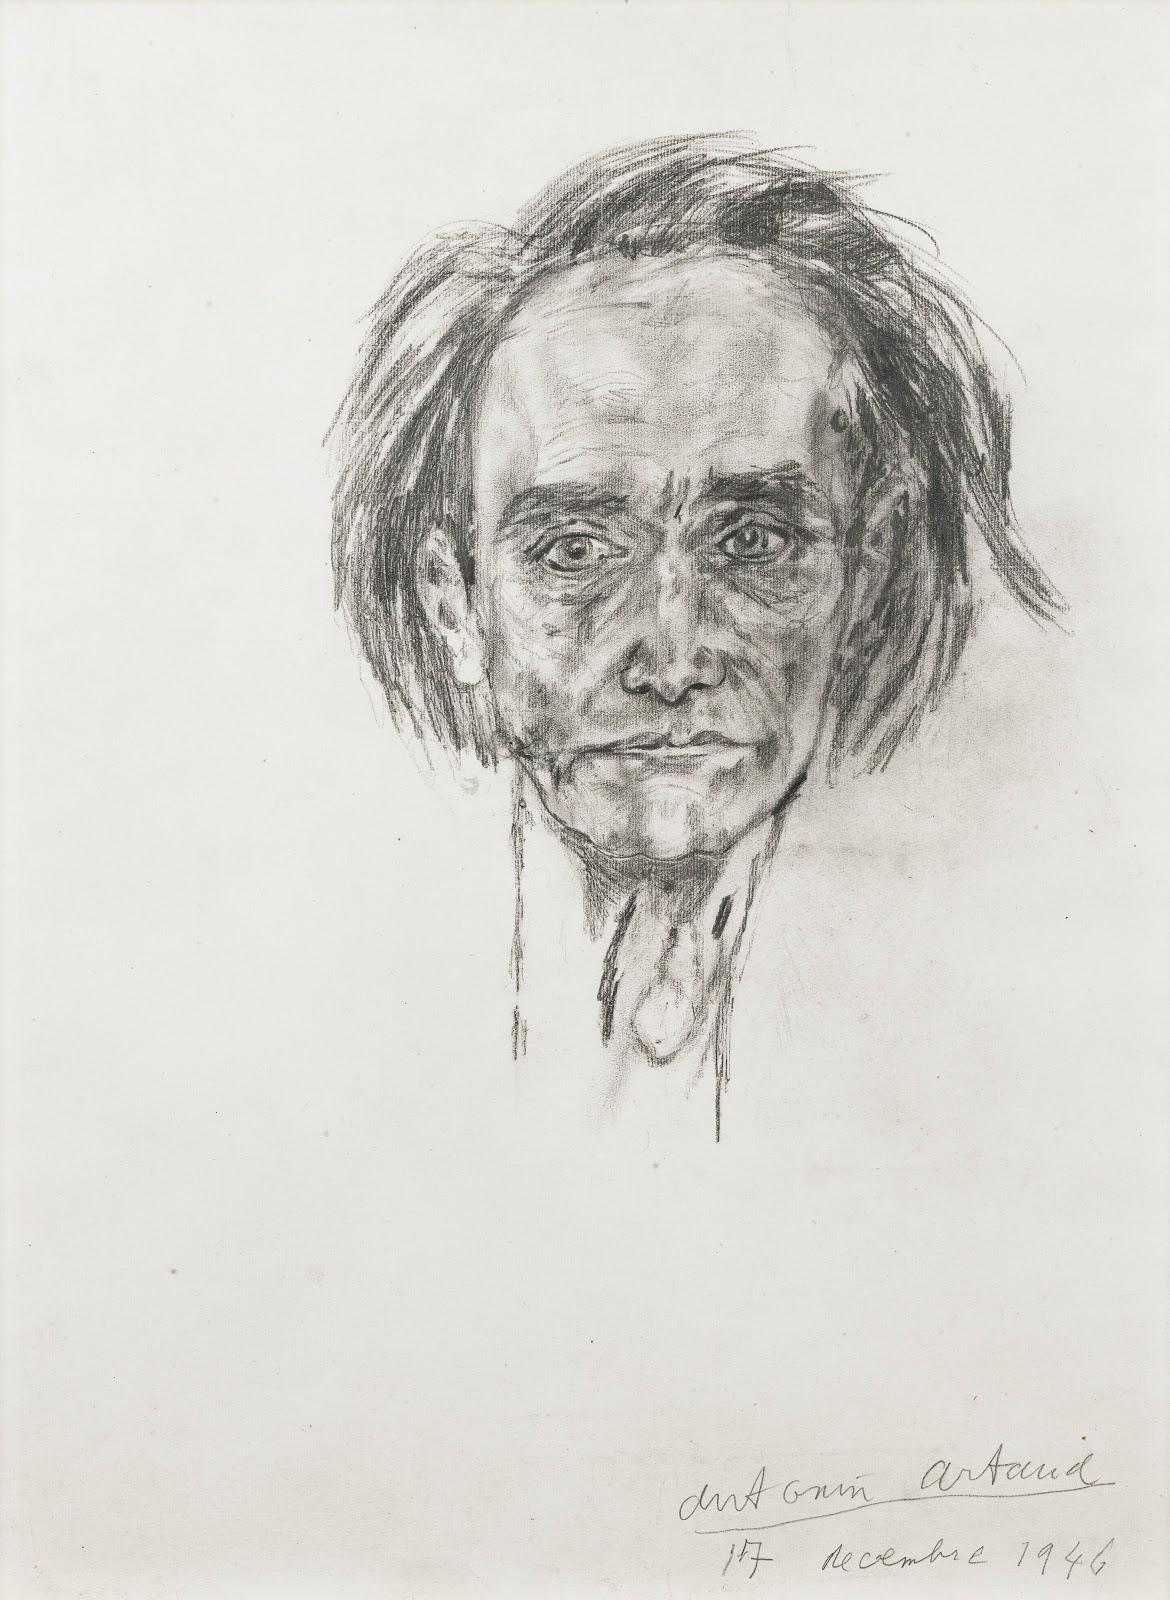 アントナン・アルトーの自画像のデッサン(1946)